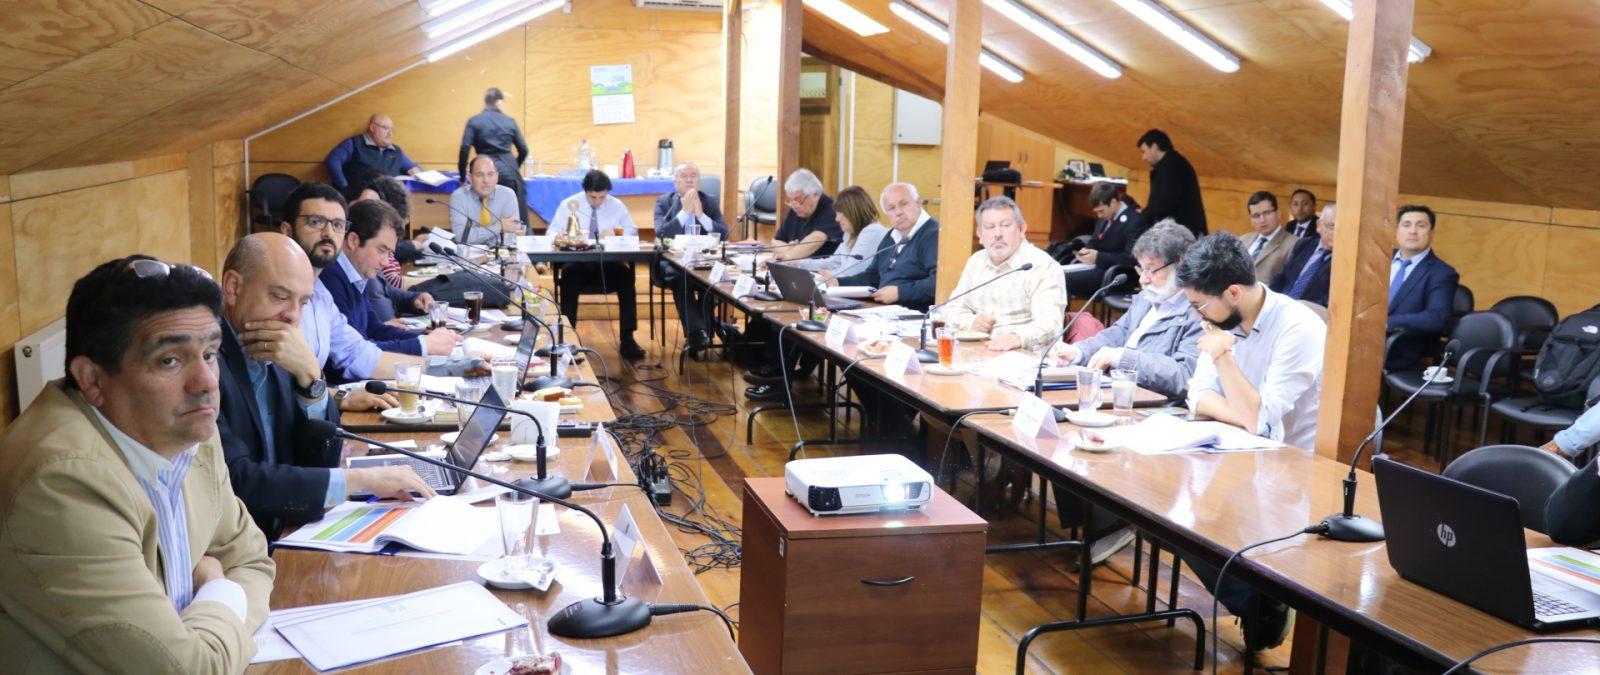 Comenzó discusión presupuestaria del Fondo Nacional de Desarrollo Regional (FNDR) para el año 2019